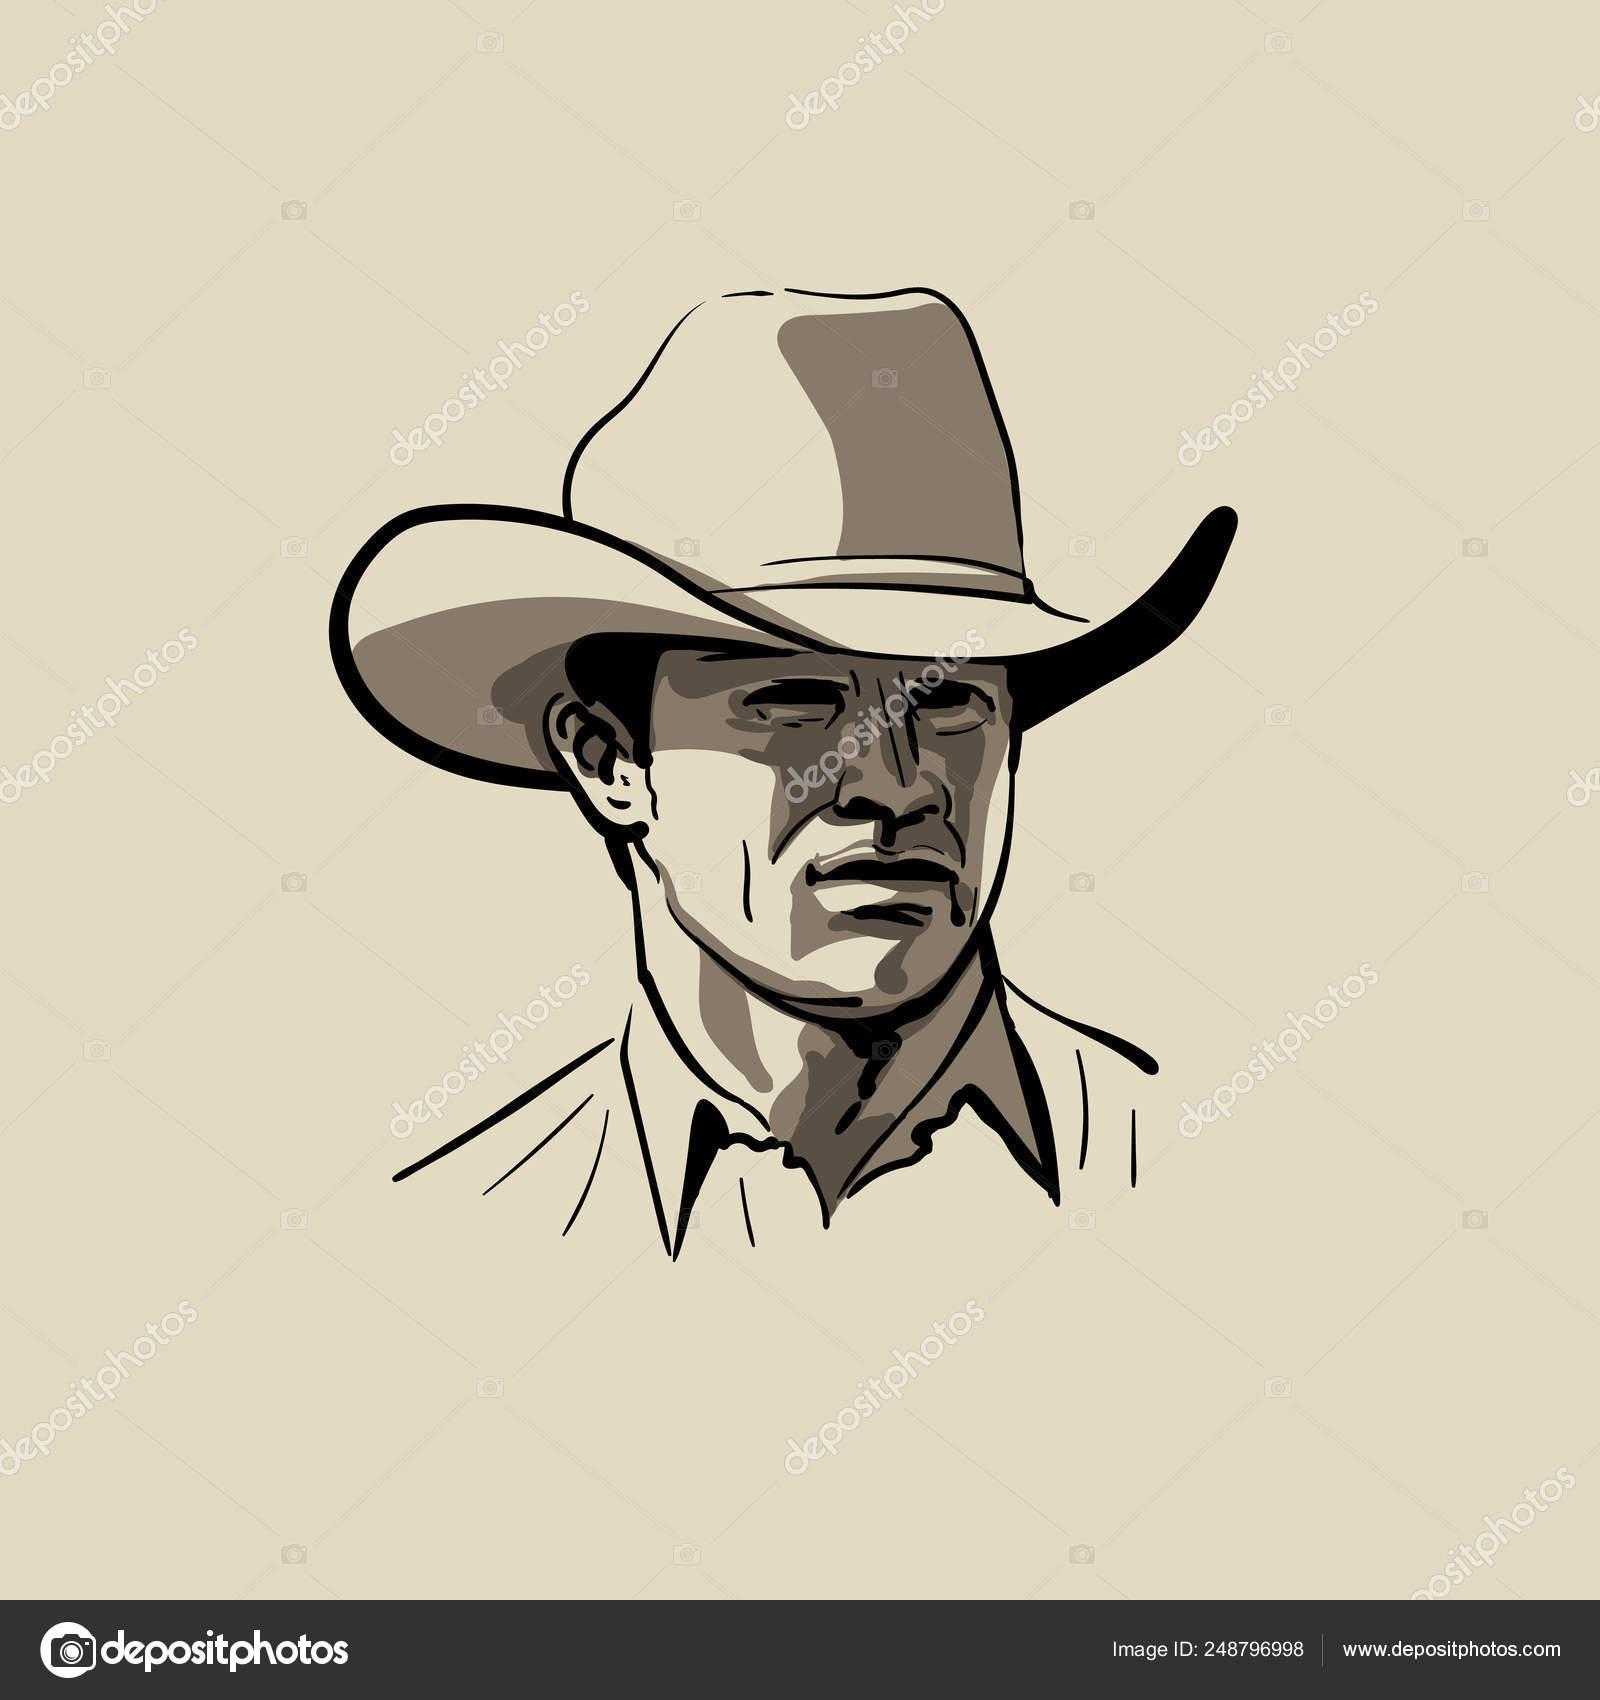 3e21f2f0a Man with cowboy hat. Western. Portrait. Digital Sketch Hand Drawing ...